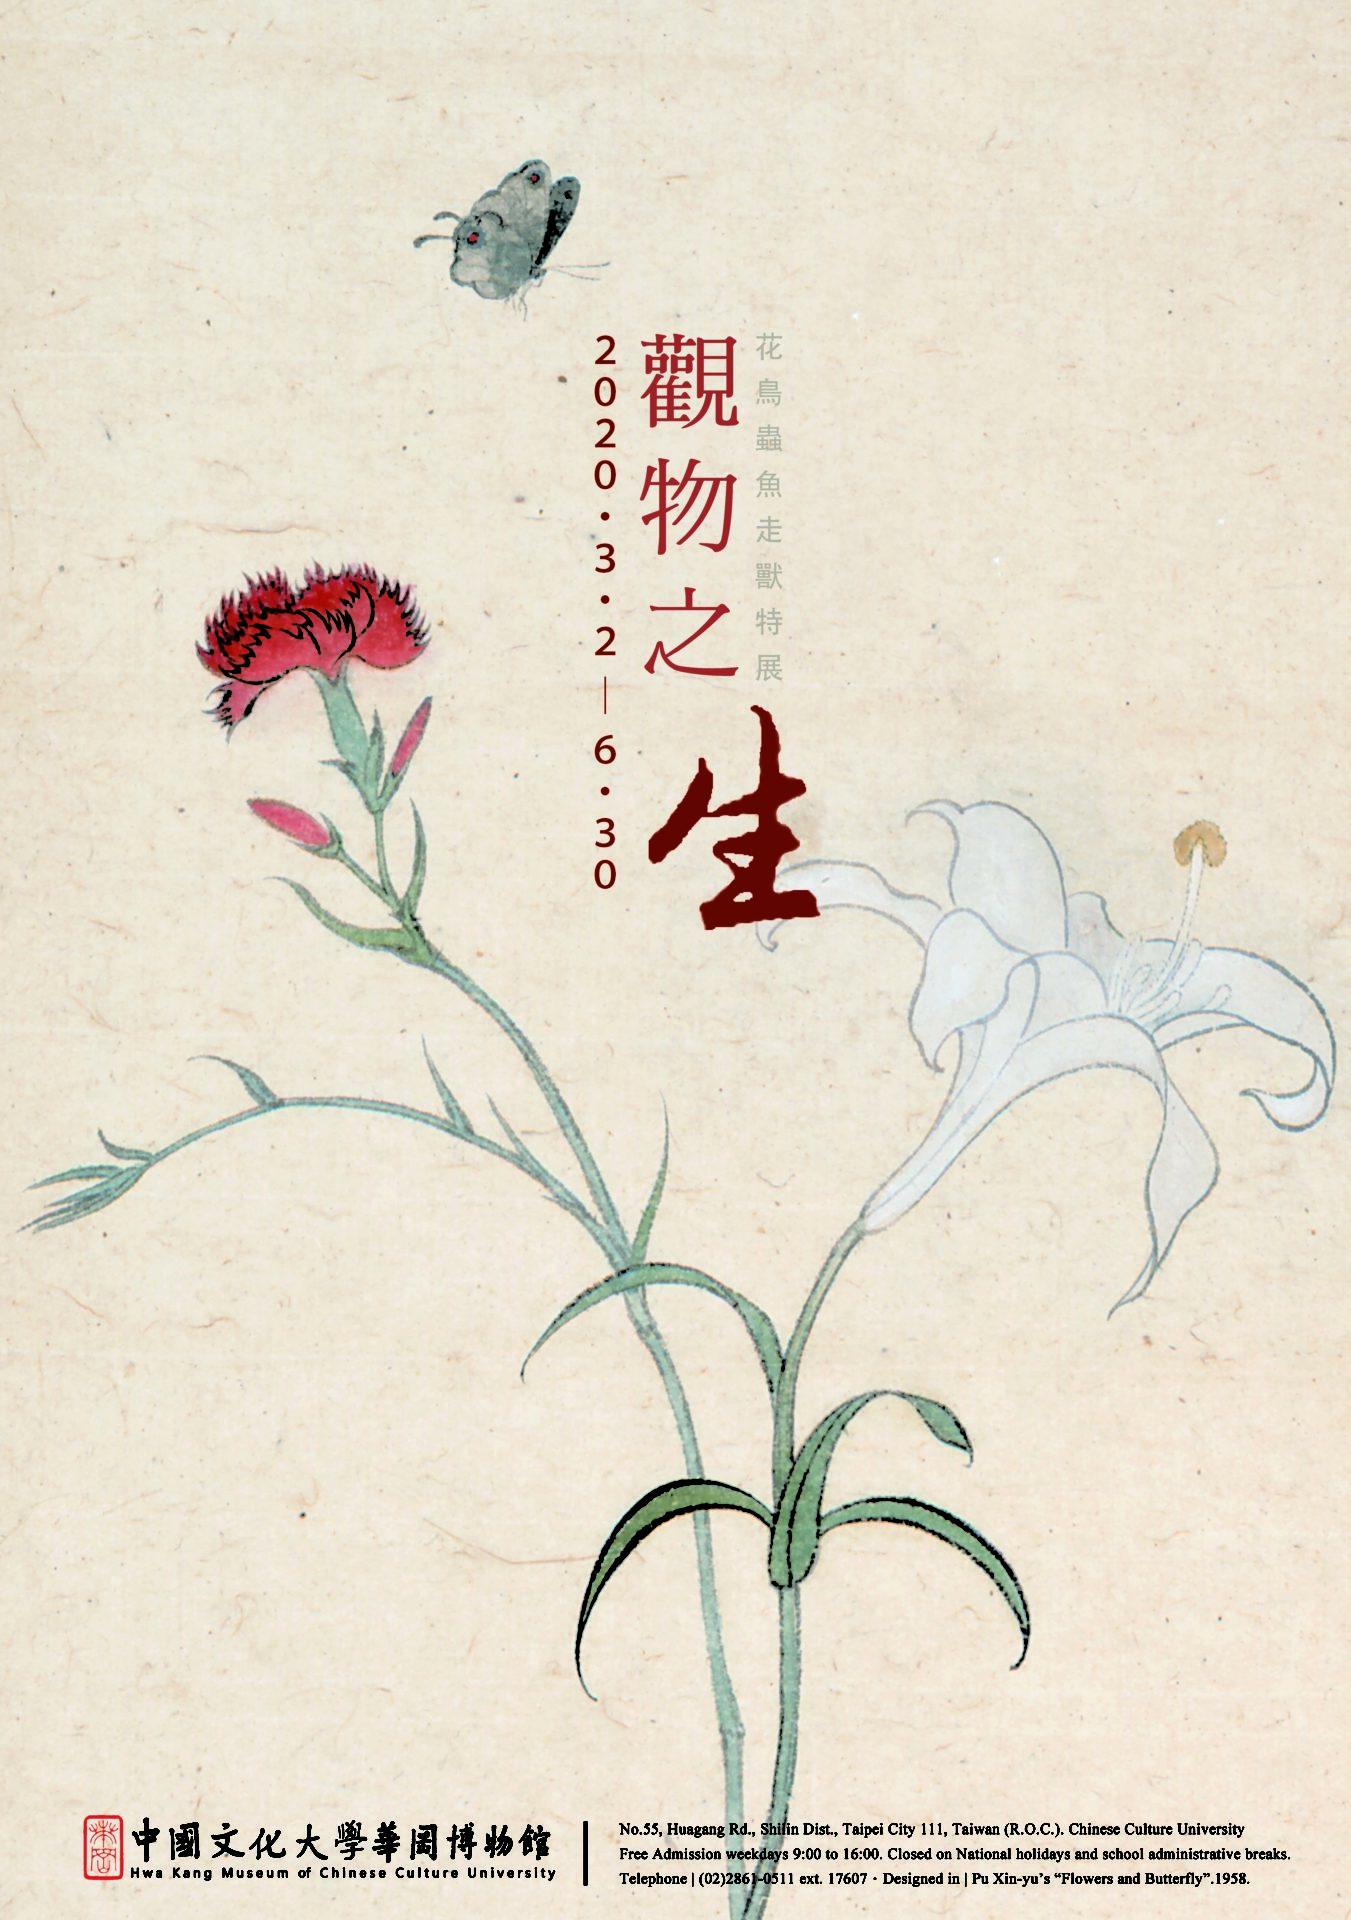 中國文化大學華岡博物館:2020/03/02-2020/06/30【觀物之生~花鳥蟲魚走獸特展】